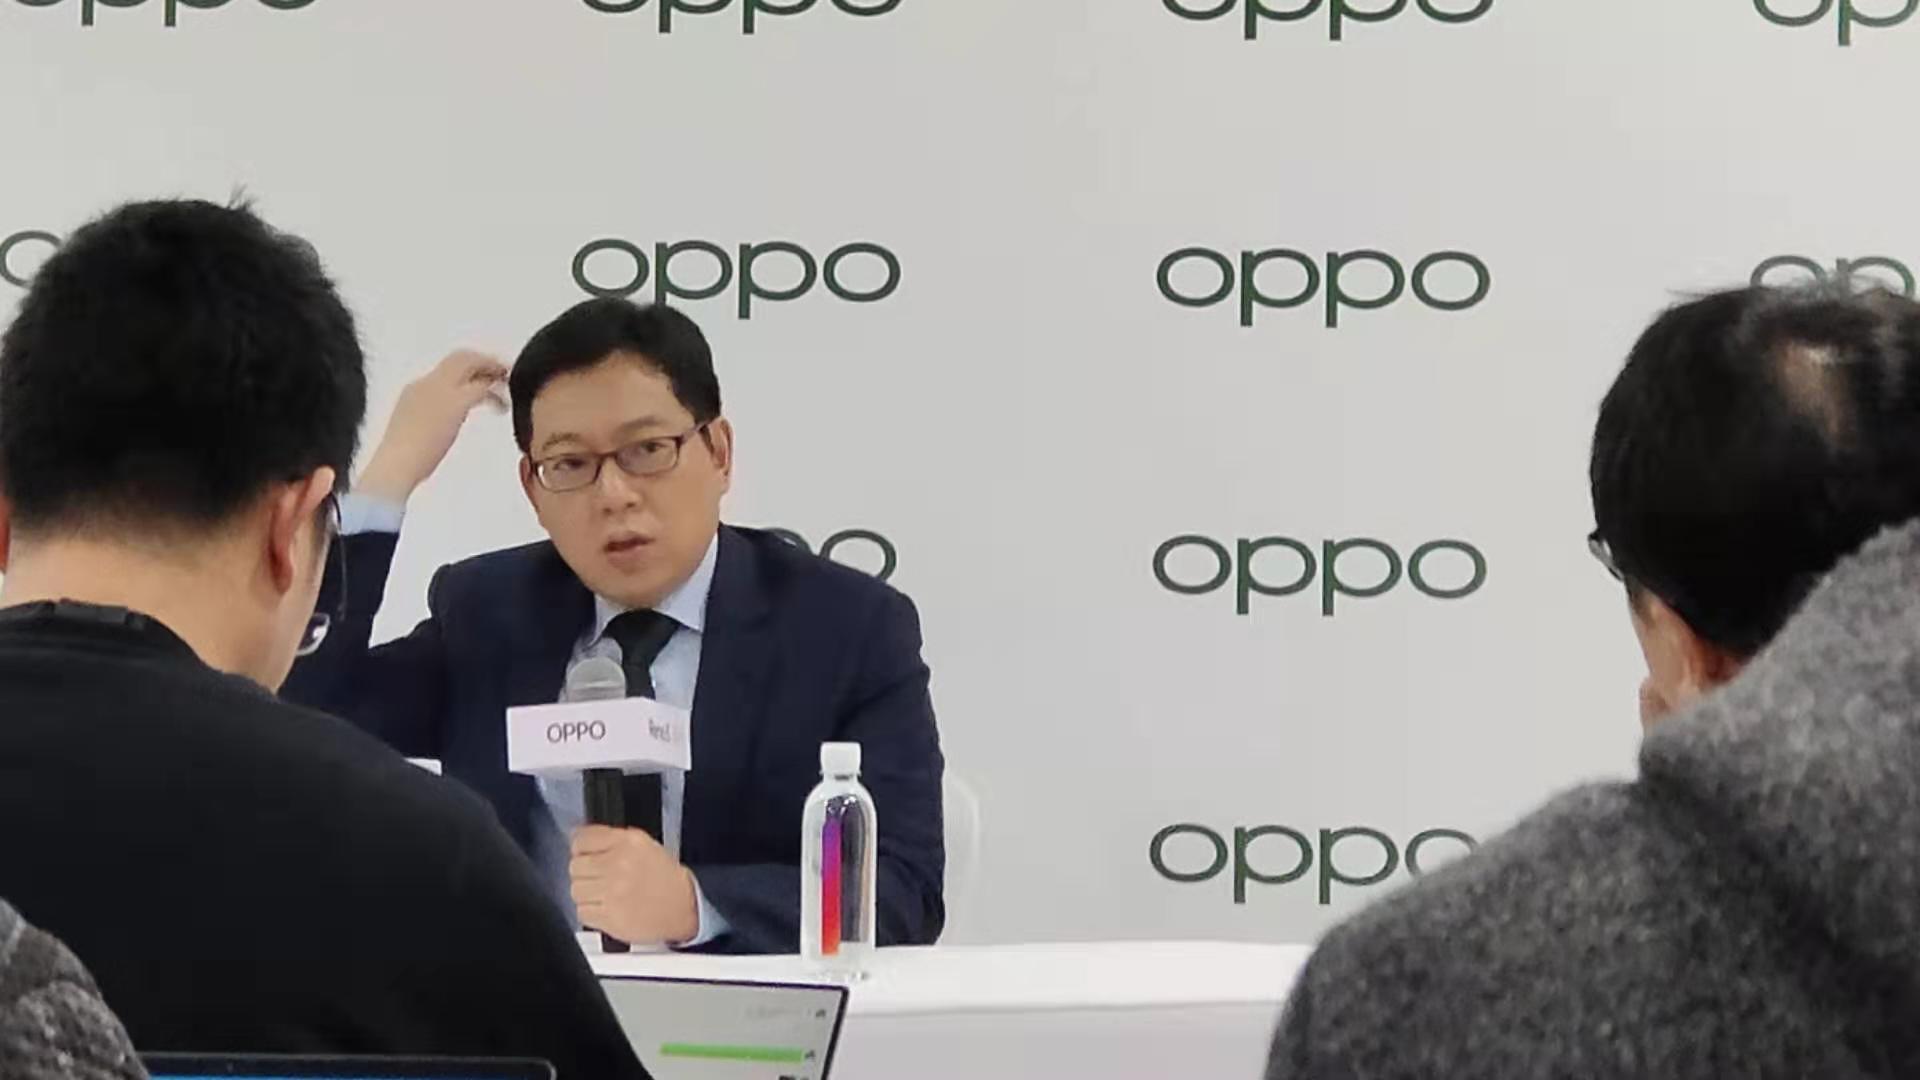 OPPO吴强:2020年头部手机厂商不会有谁死掉 但排名或有变化